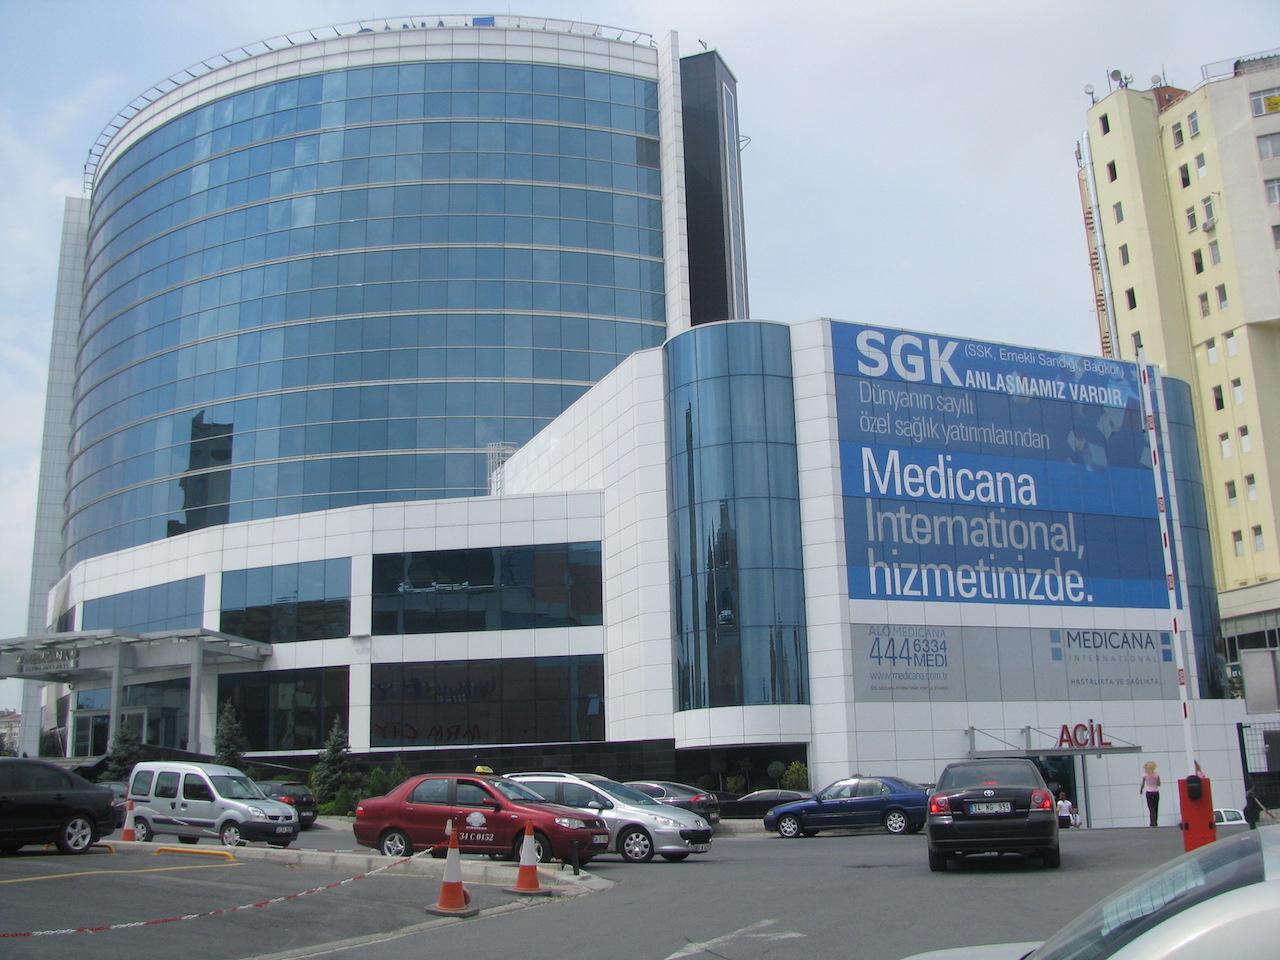 Medicana hospitals